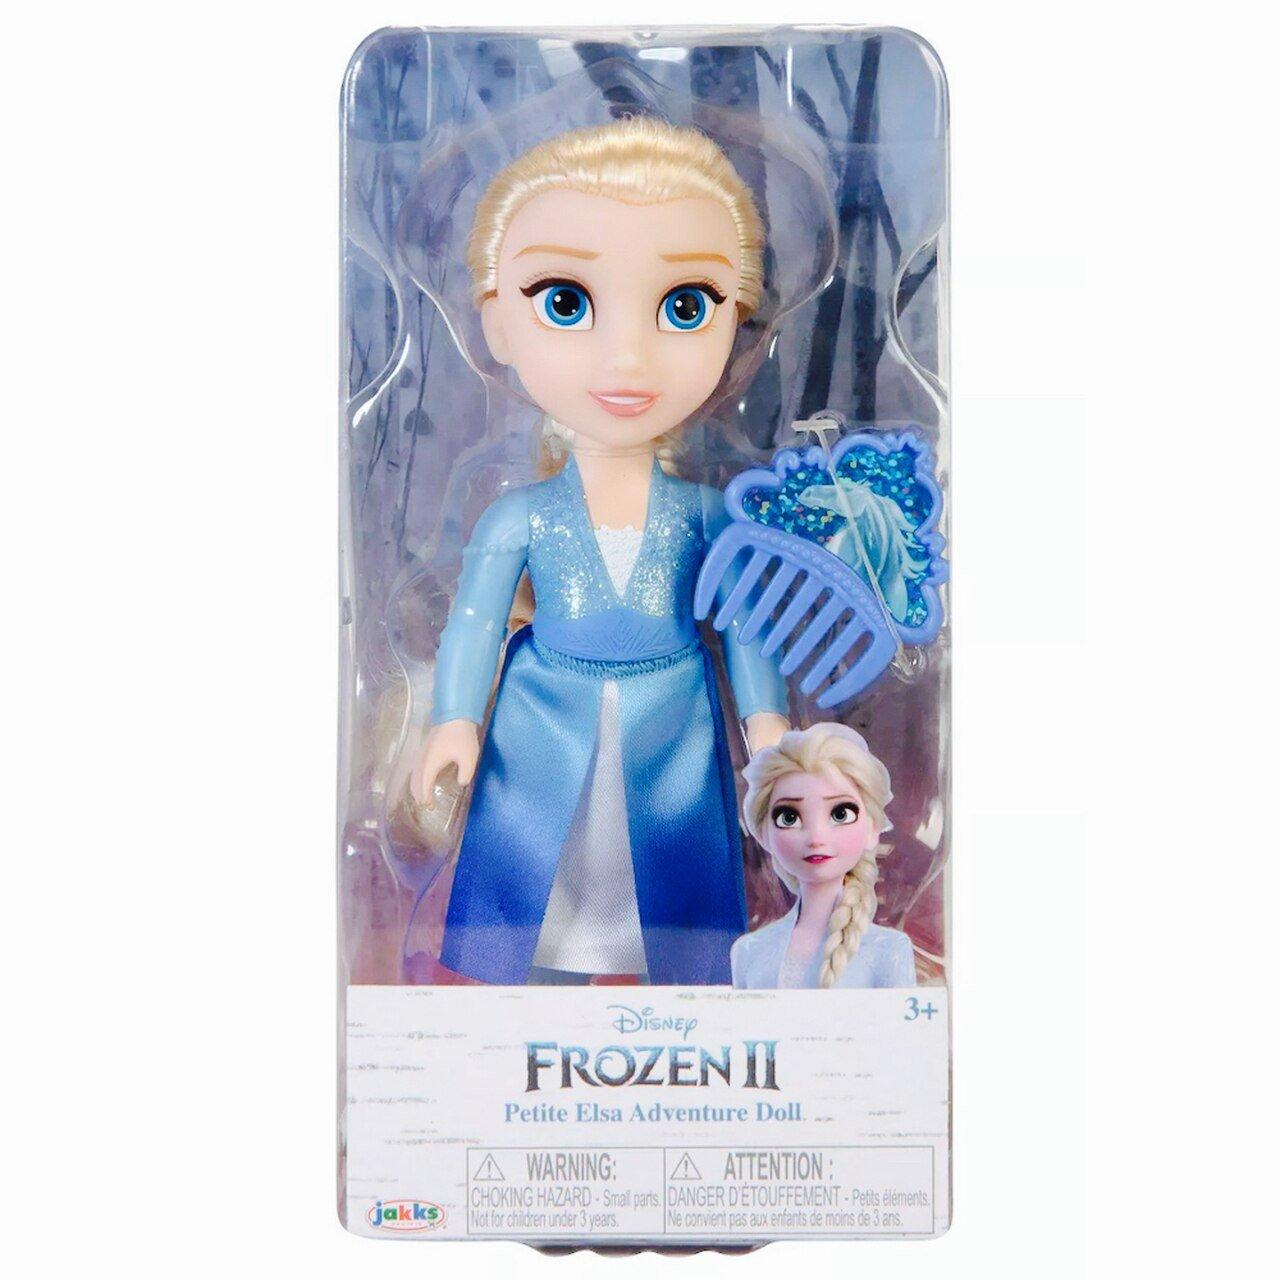 冰雪奇緣2 6吋小小人偶 【艾莎】